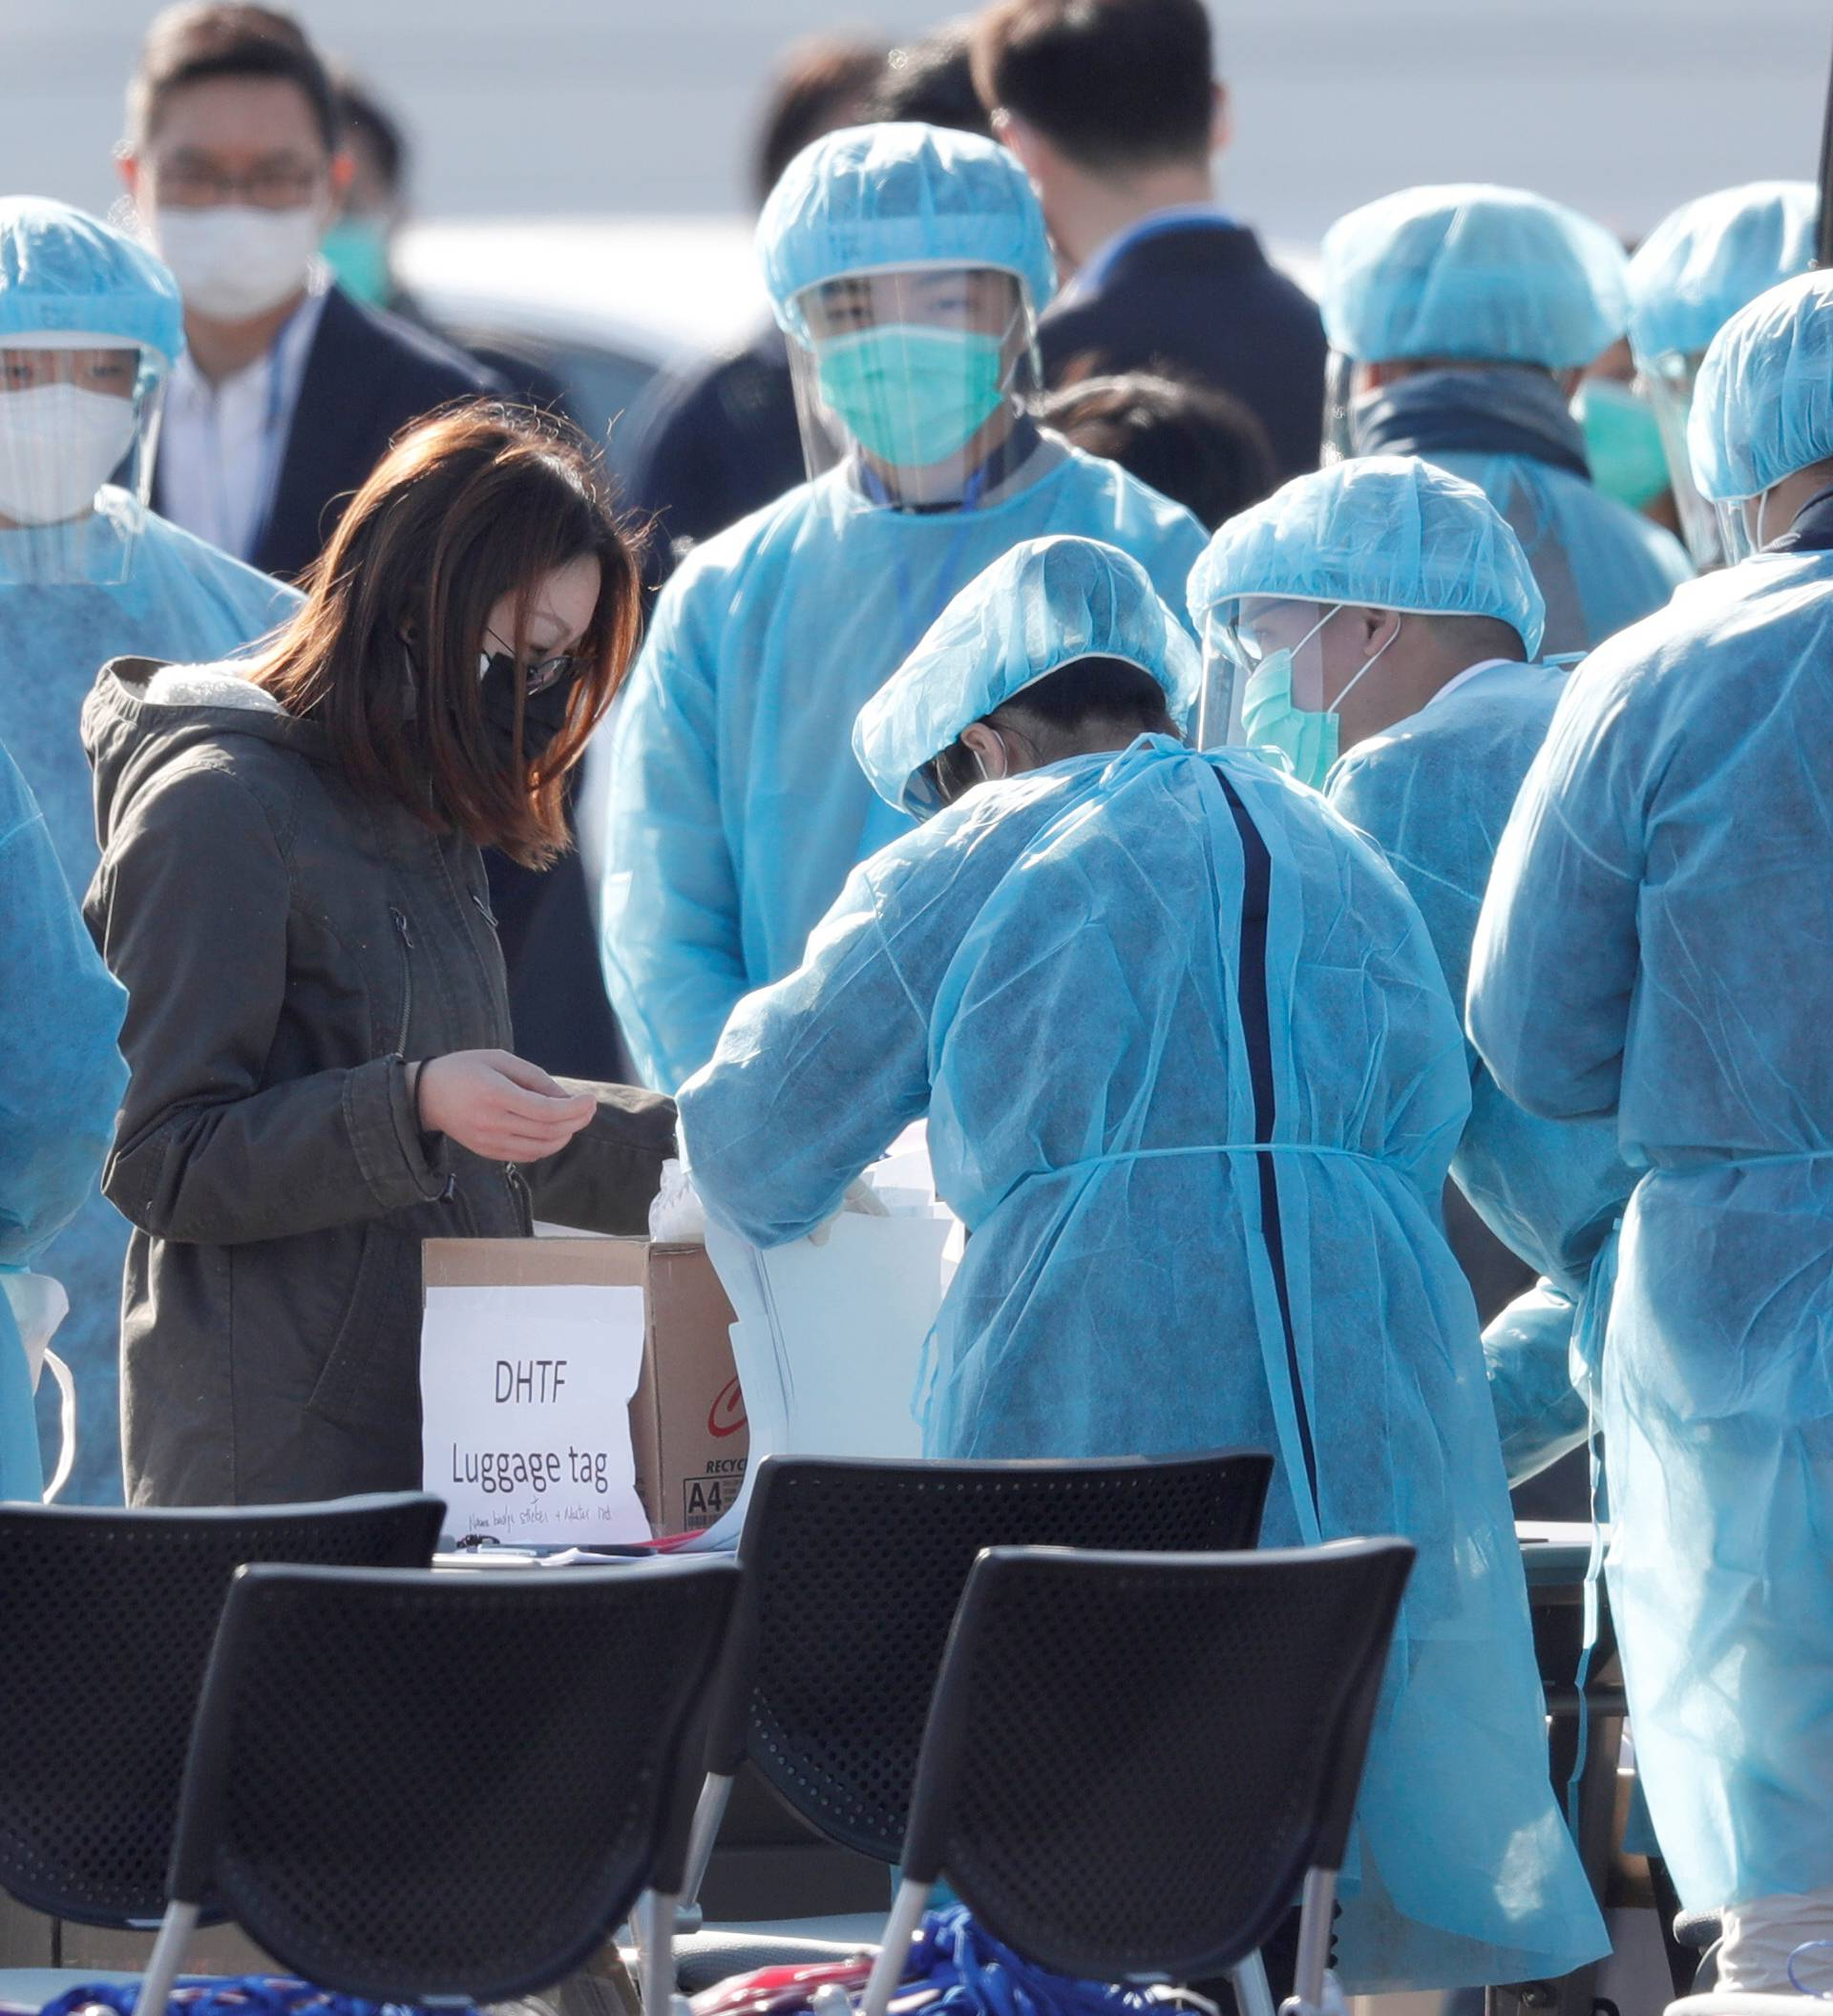 Passengers wearing masks leave cruise ship Diamond Princess at Daikoku Pier Cruise Terminal in Yokohama